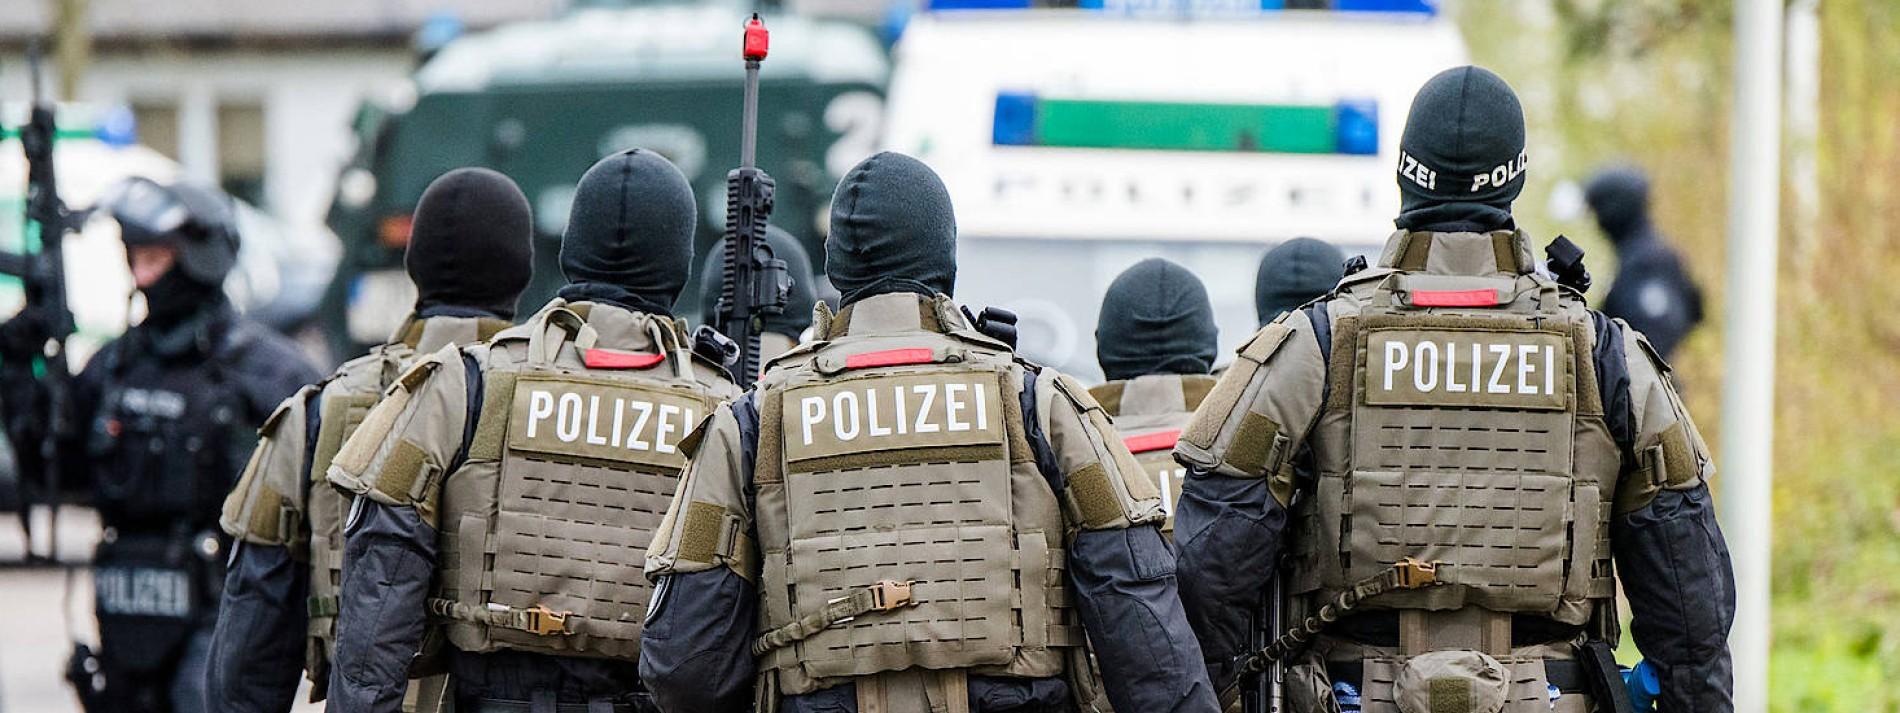 Islamistischer Anschlag vereitelt?